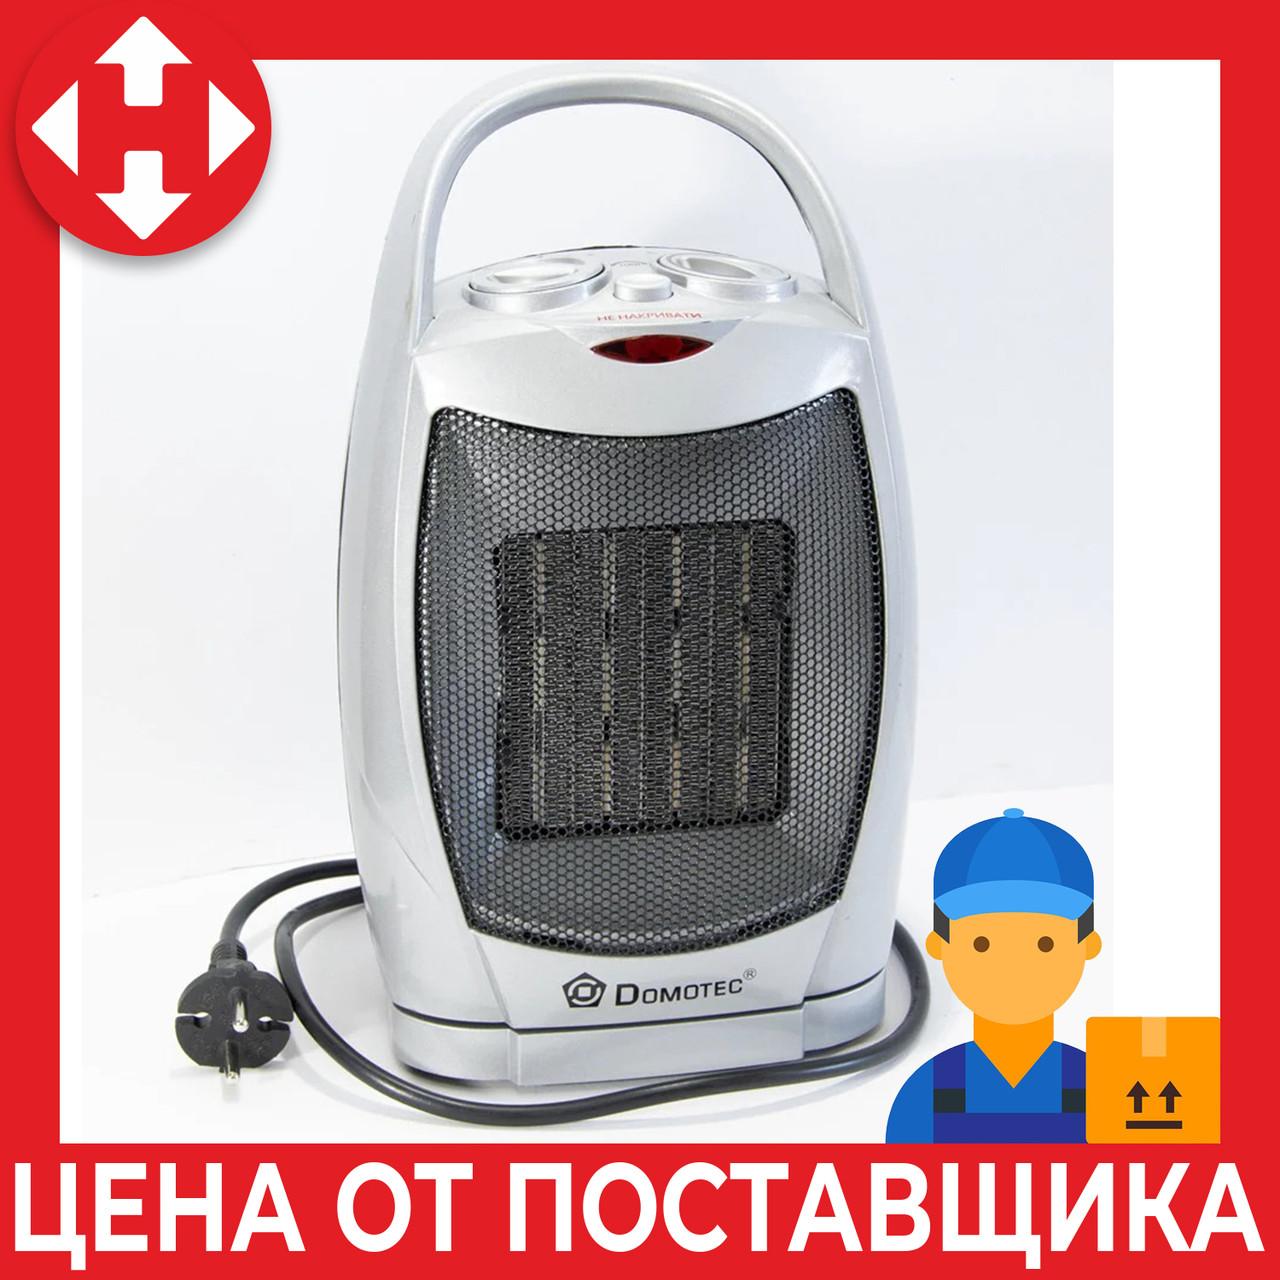 Распродажа! Тепловентилятор поворотный электро обогреватель, Domotec MS 5905 1500 W, электрический дуйчик